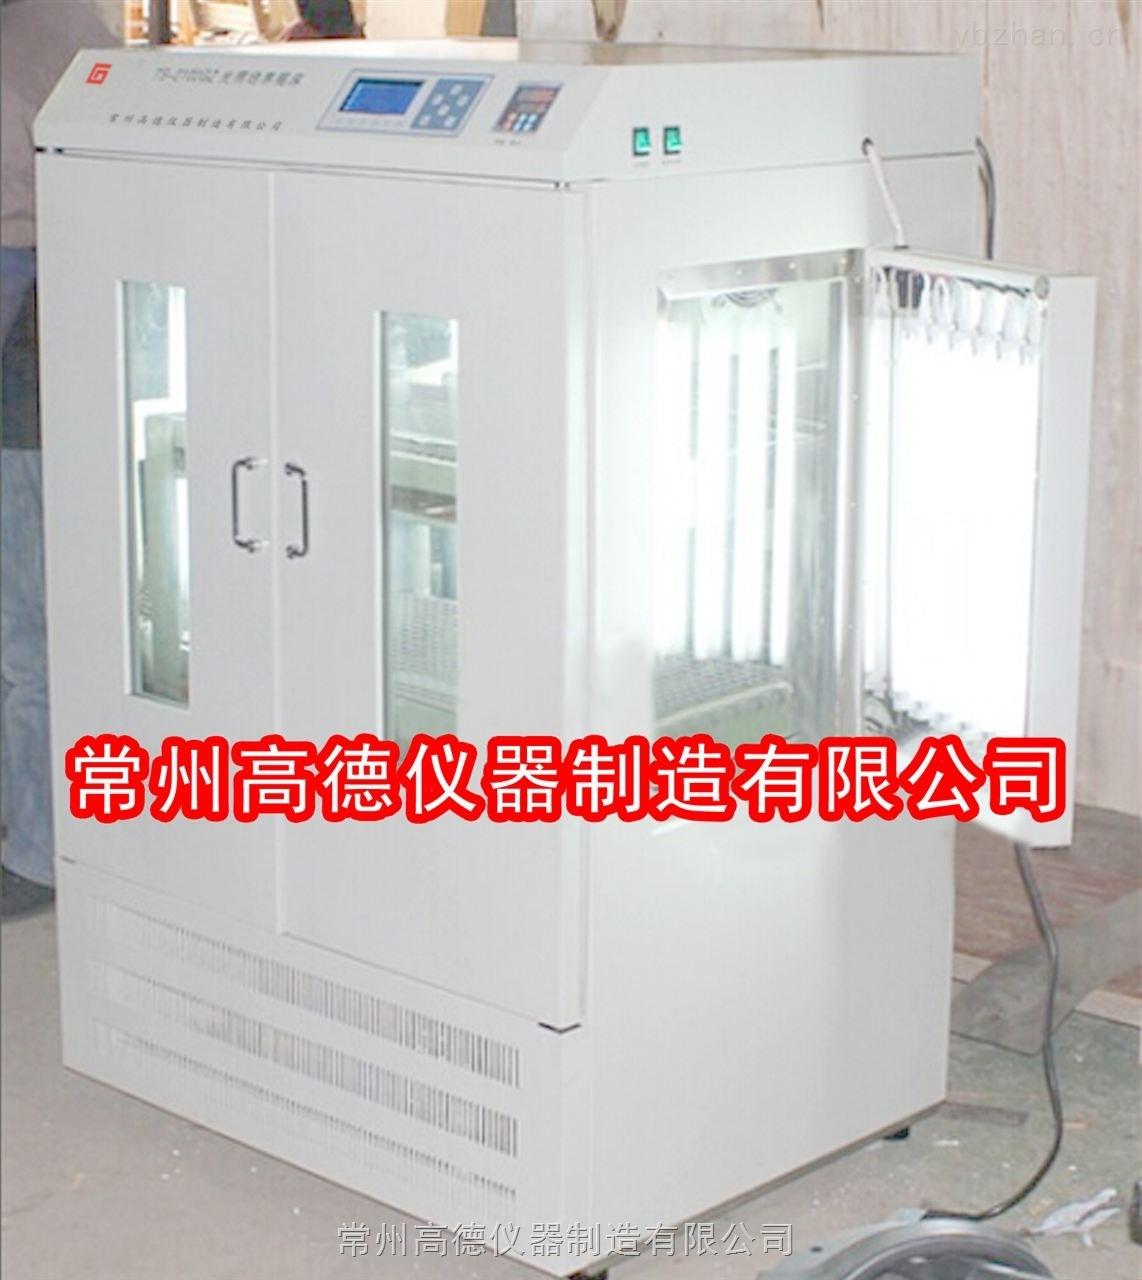 ZQLY-380B-气浴光照振荡培养箱